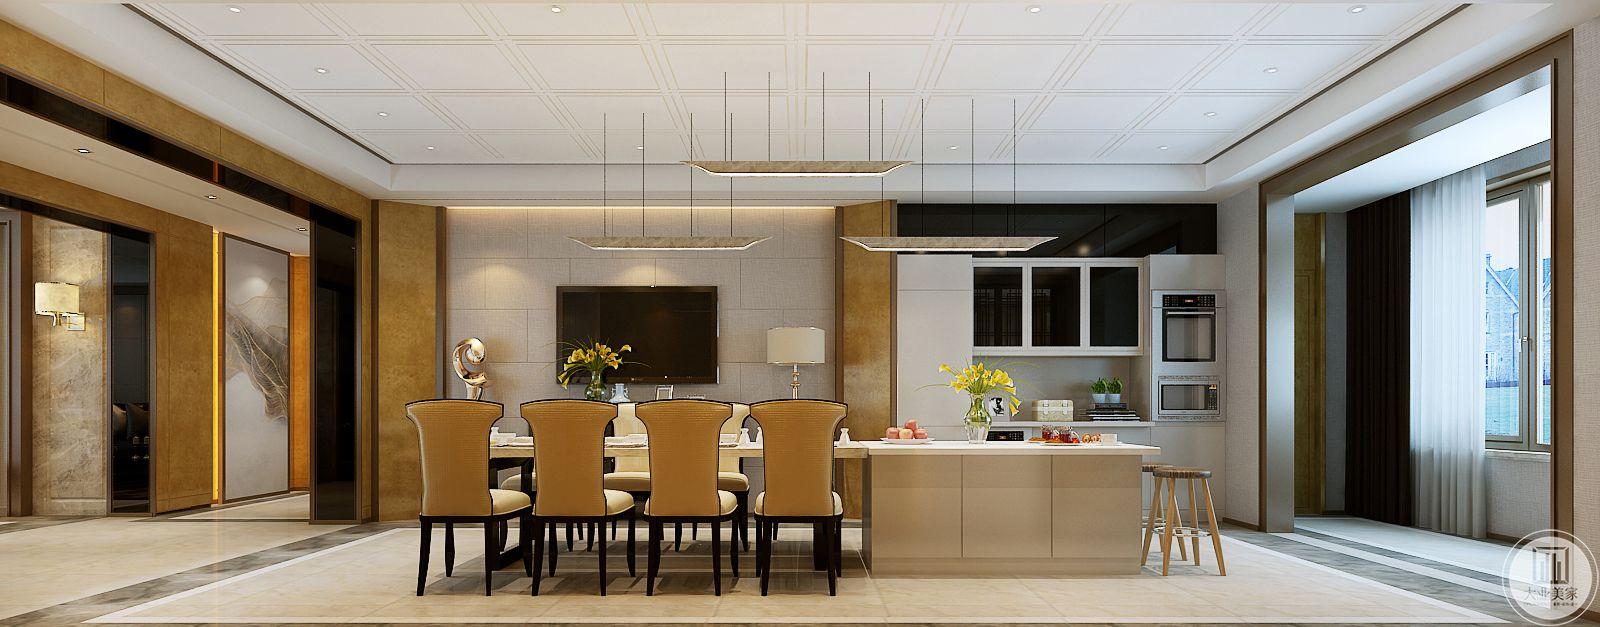 餐桌的一侧是中岛,为了增加实用性,节约厨房空间。